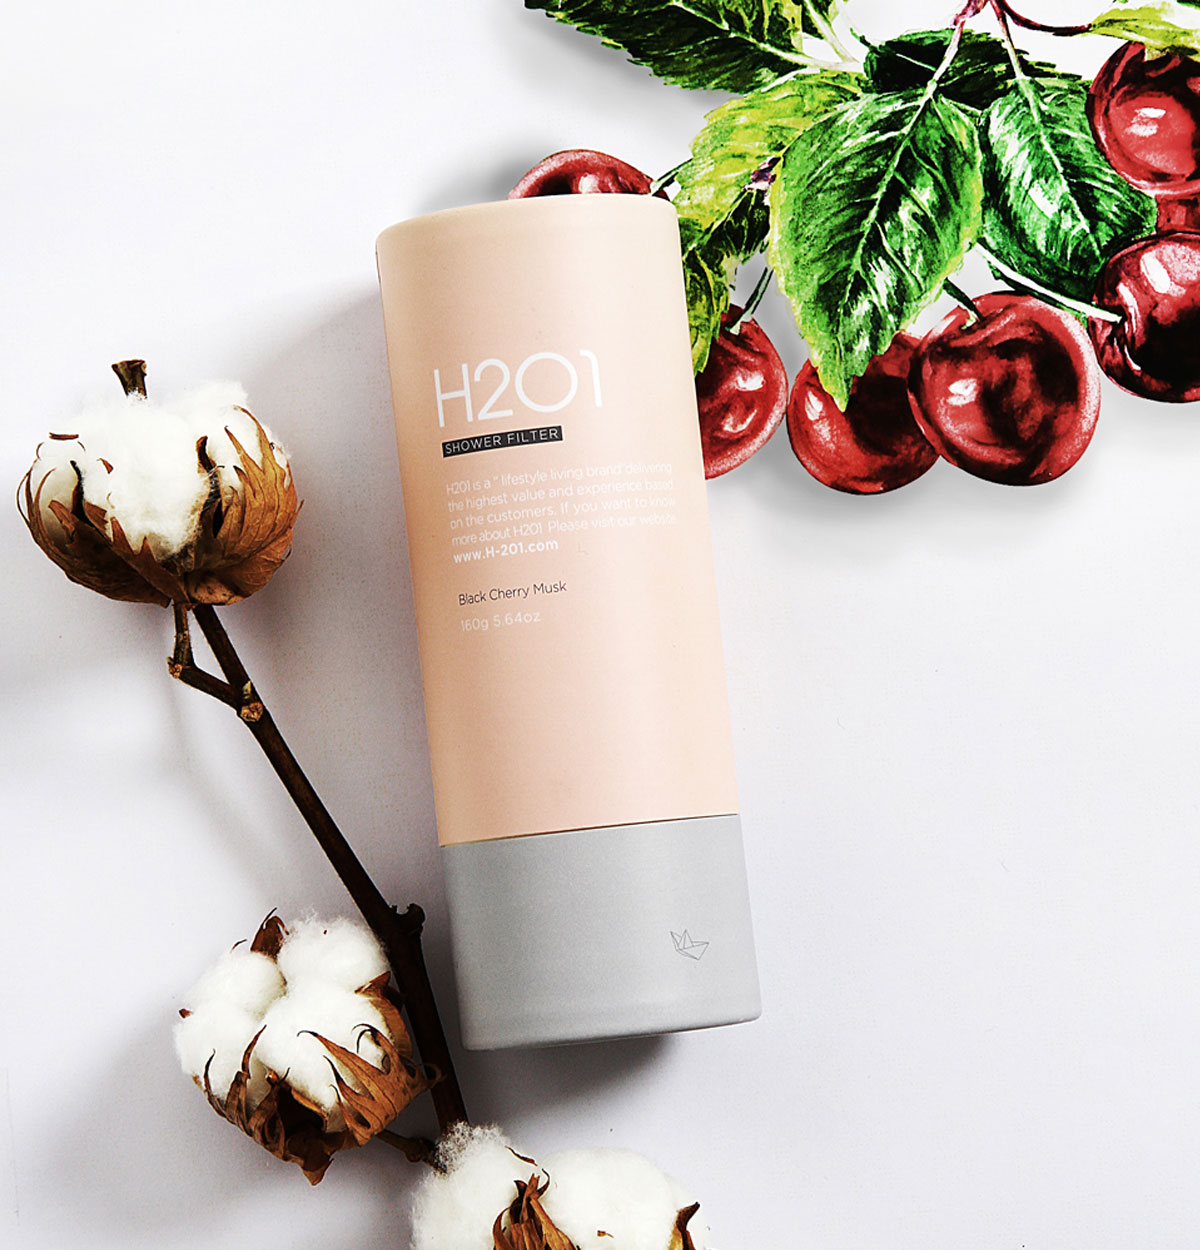 H2O1 Vitamin Shower Filter วิตามินสำหรับอาบน้ำ กลิ่นแบล็คเชอร์รี่มิลล์